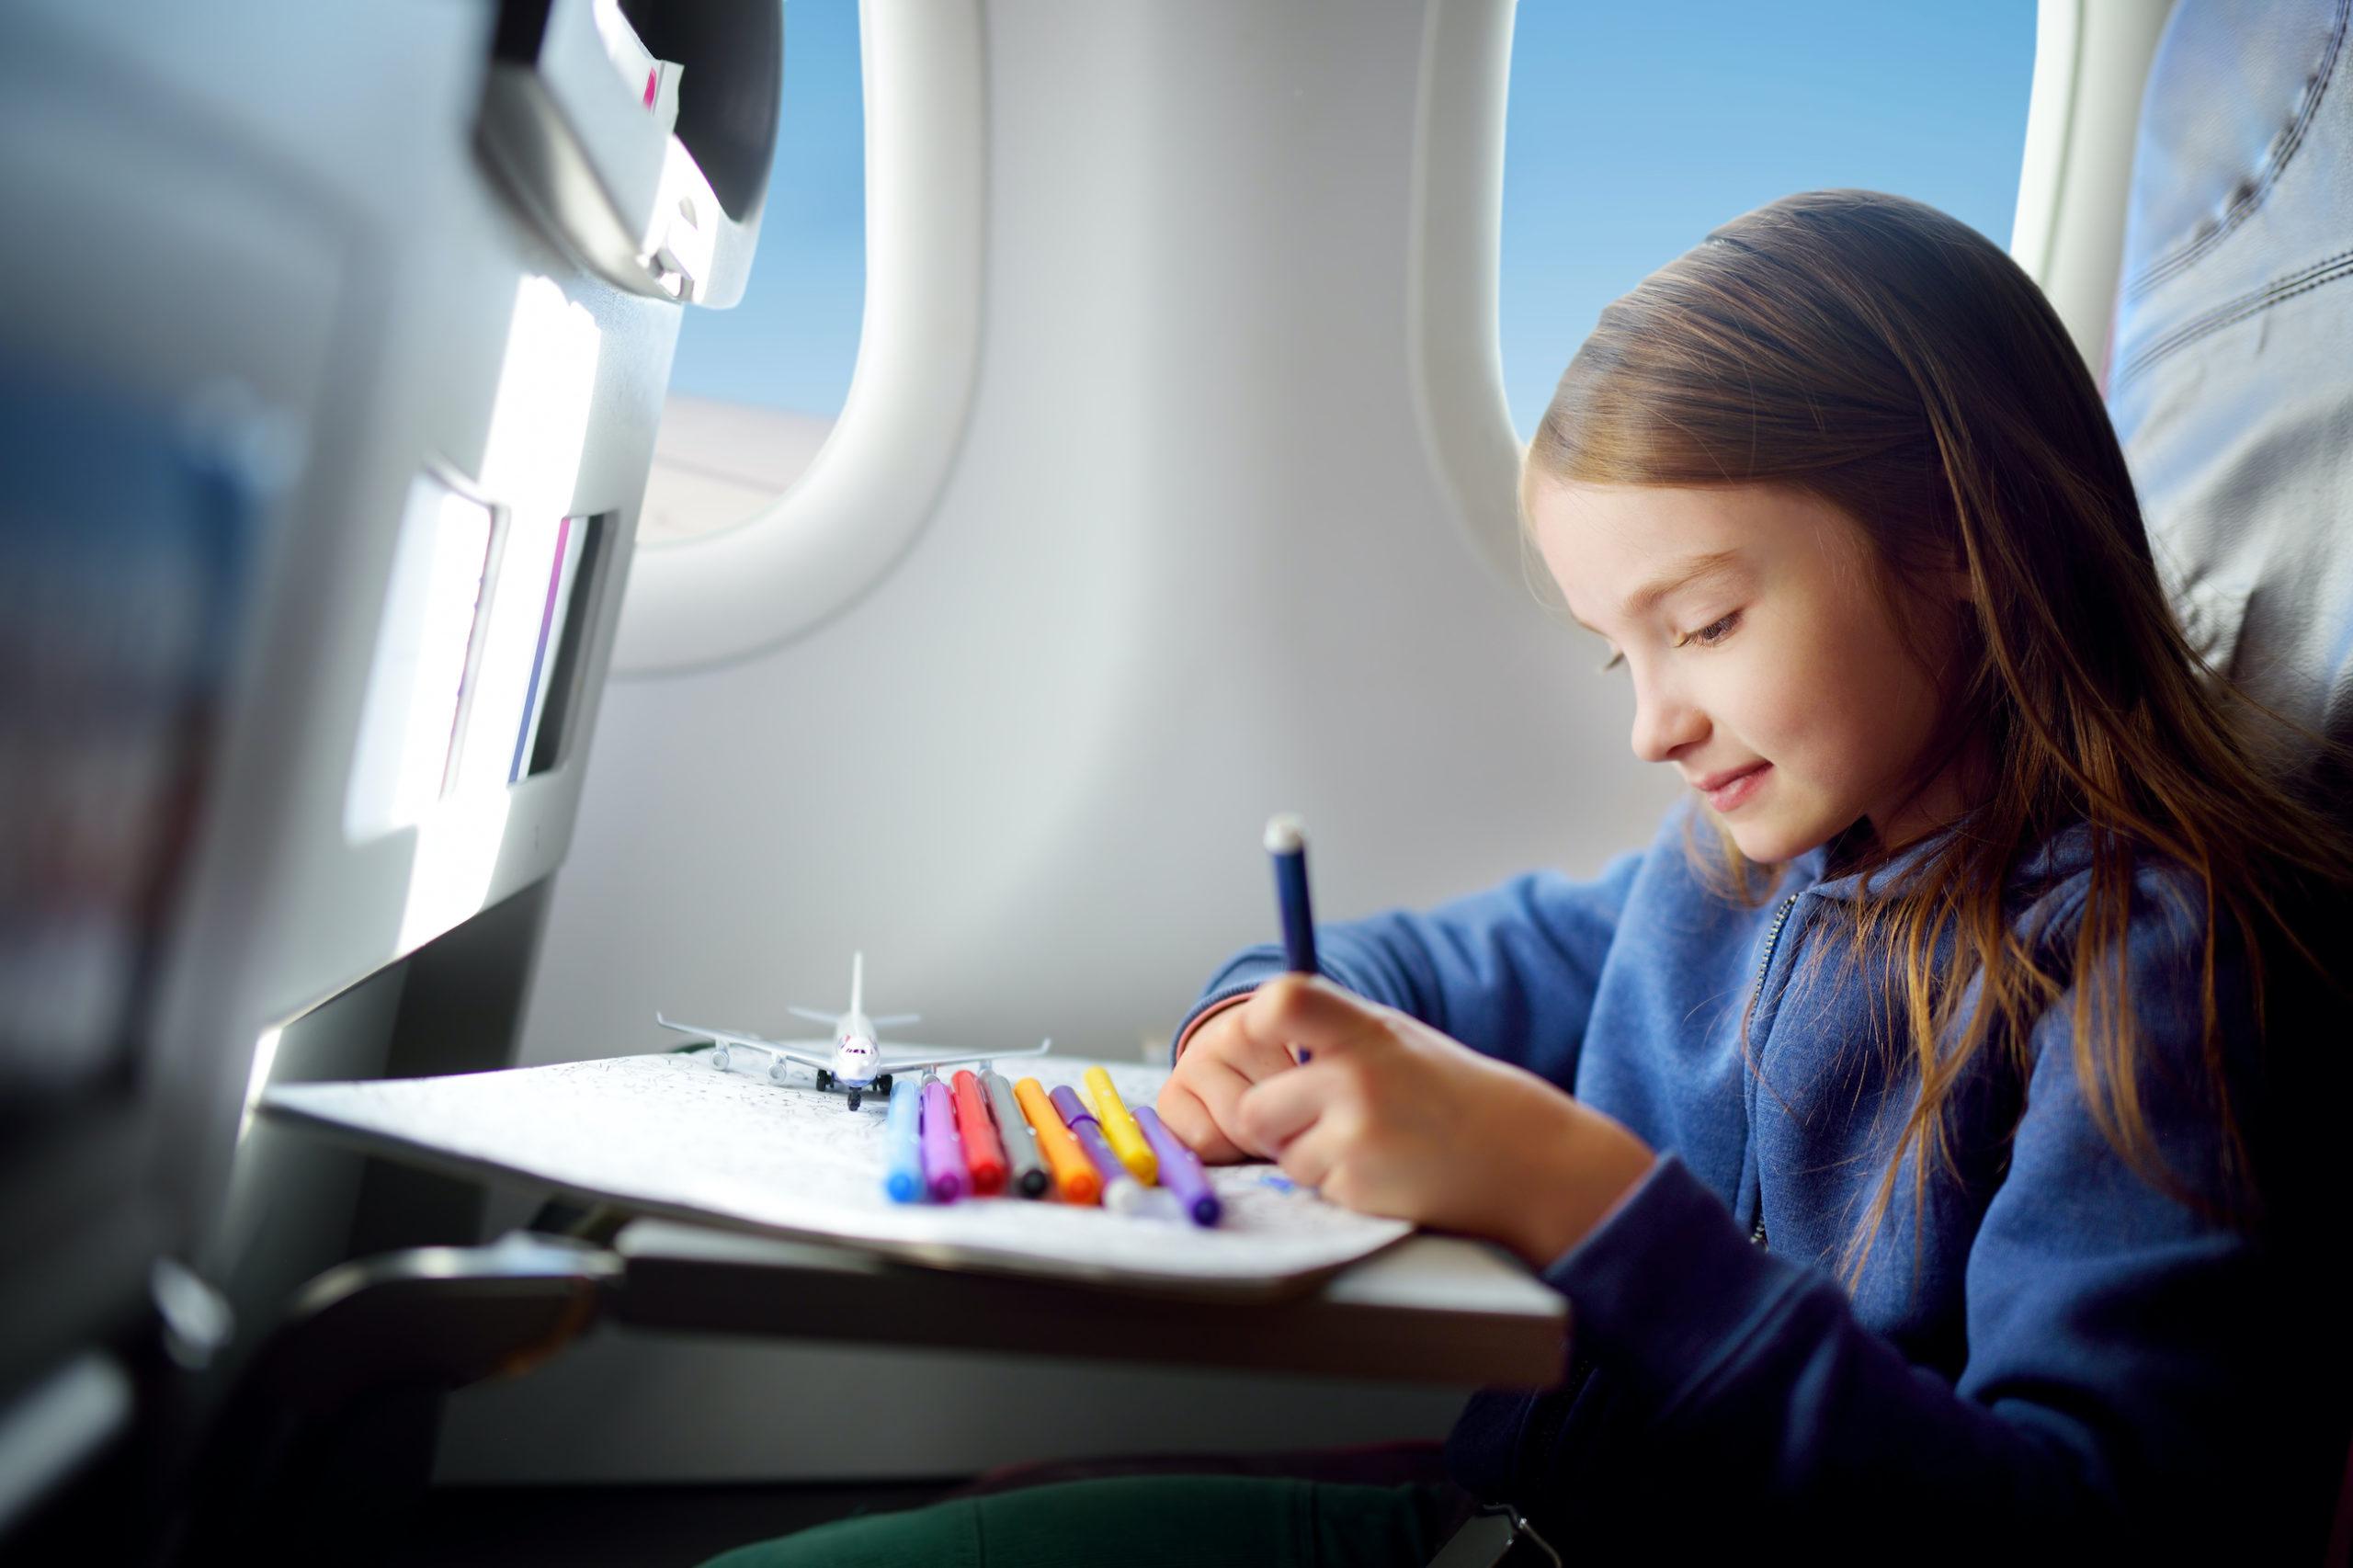 Většinou se snažíme držet děti dál od nejrůznějších displejů, když se ale cestuje, mohou vám i spolucestujícím zachránit nervy.